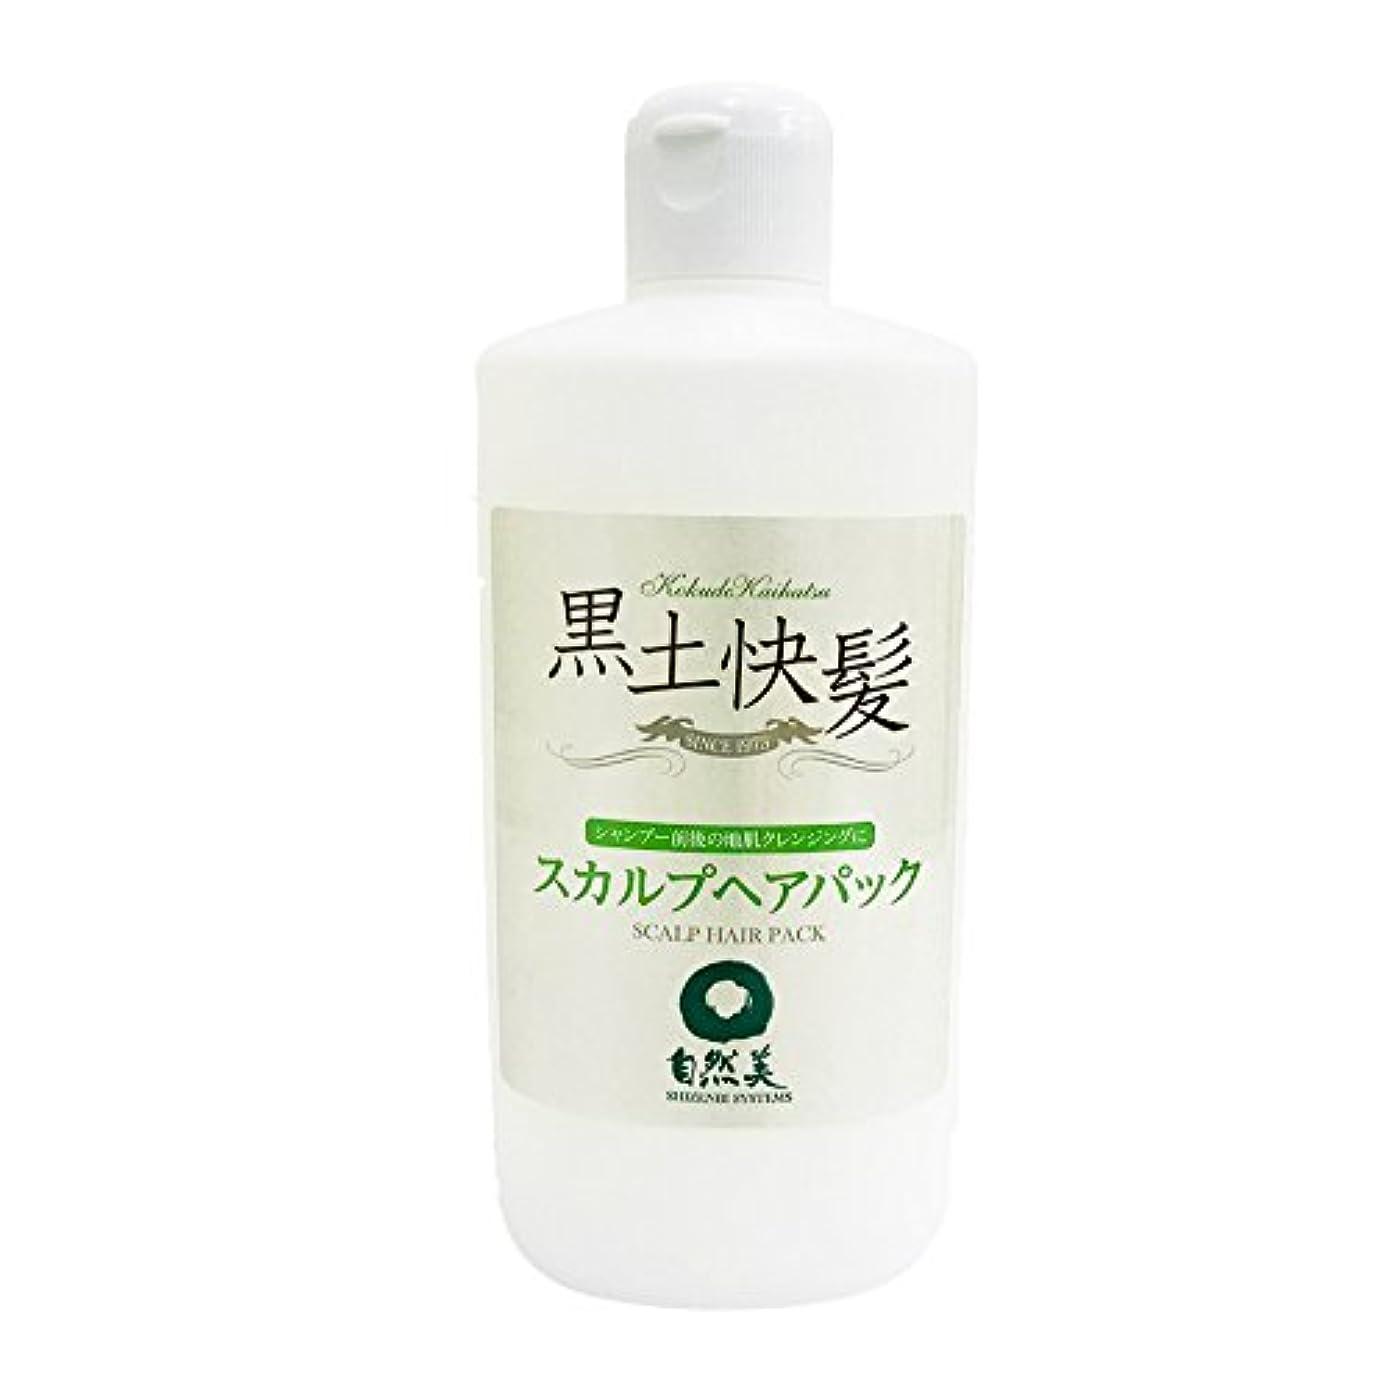 ギネス愛国的な媒染剤黒土快髪 スカルプヘアパック 280mL /こくどかいはつ/育毛/養毛/増毛/